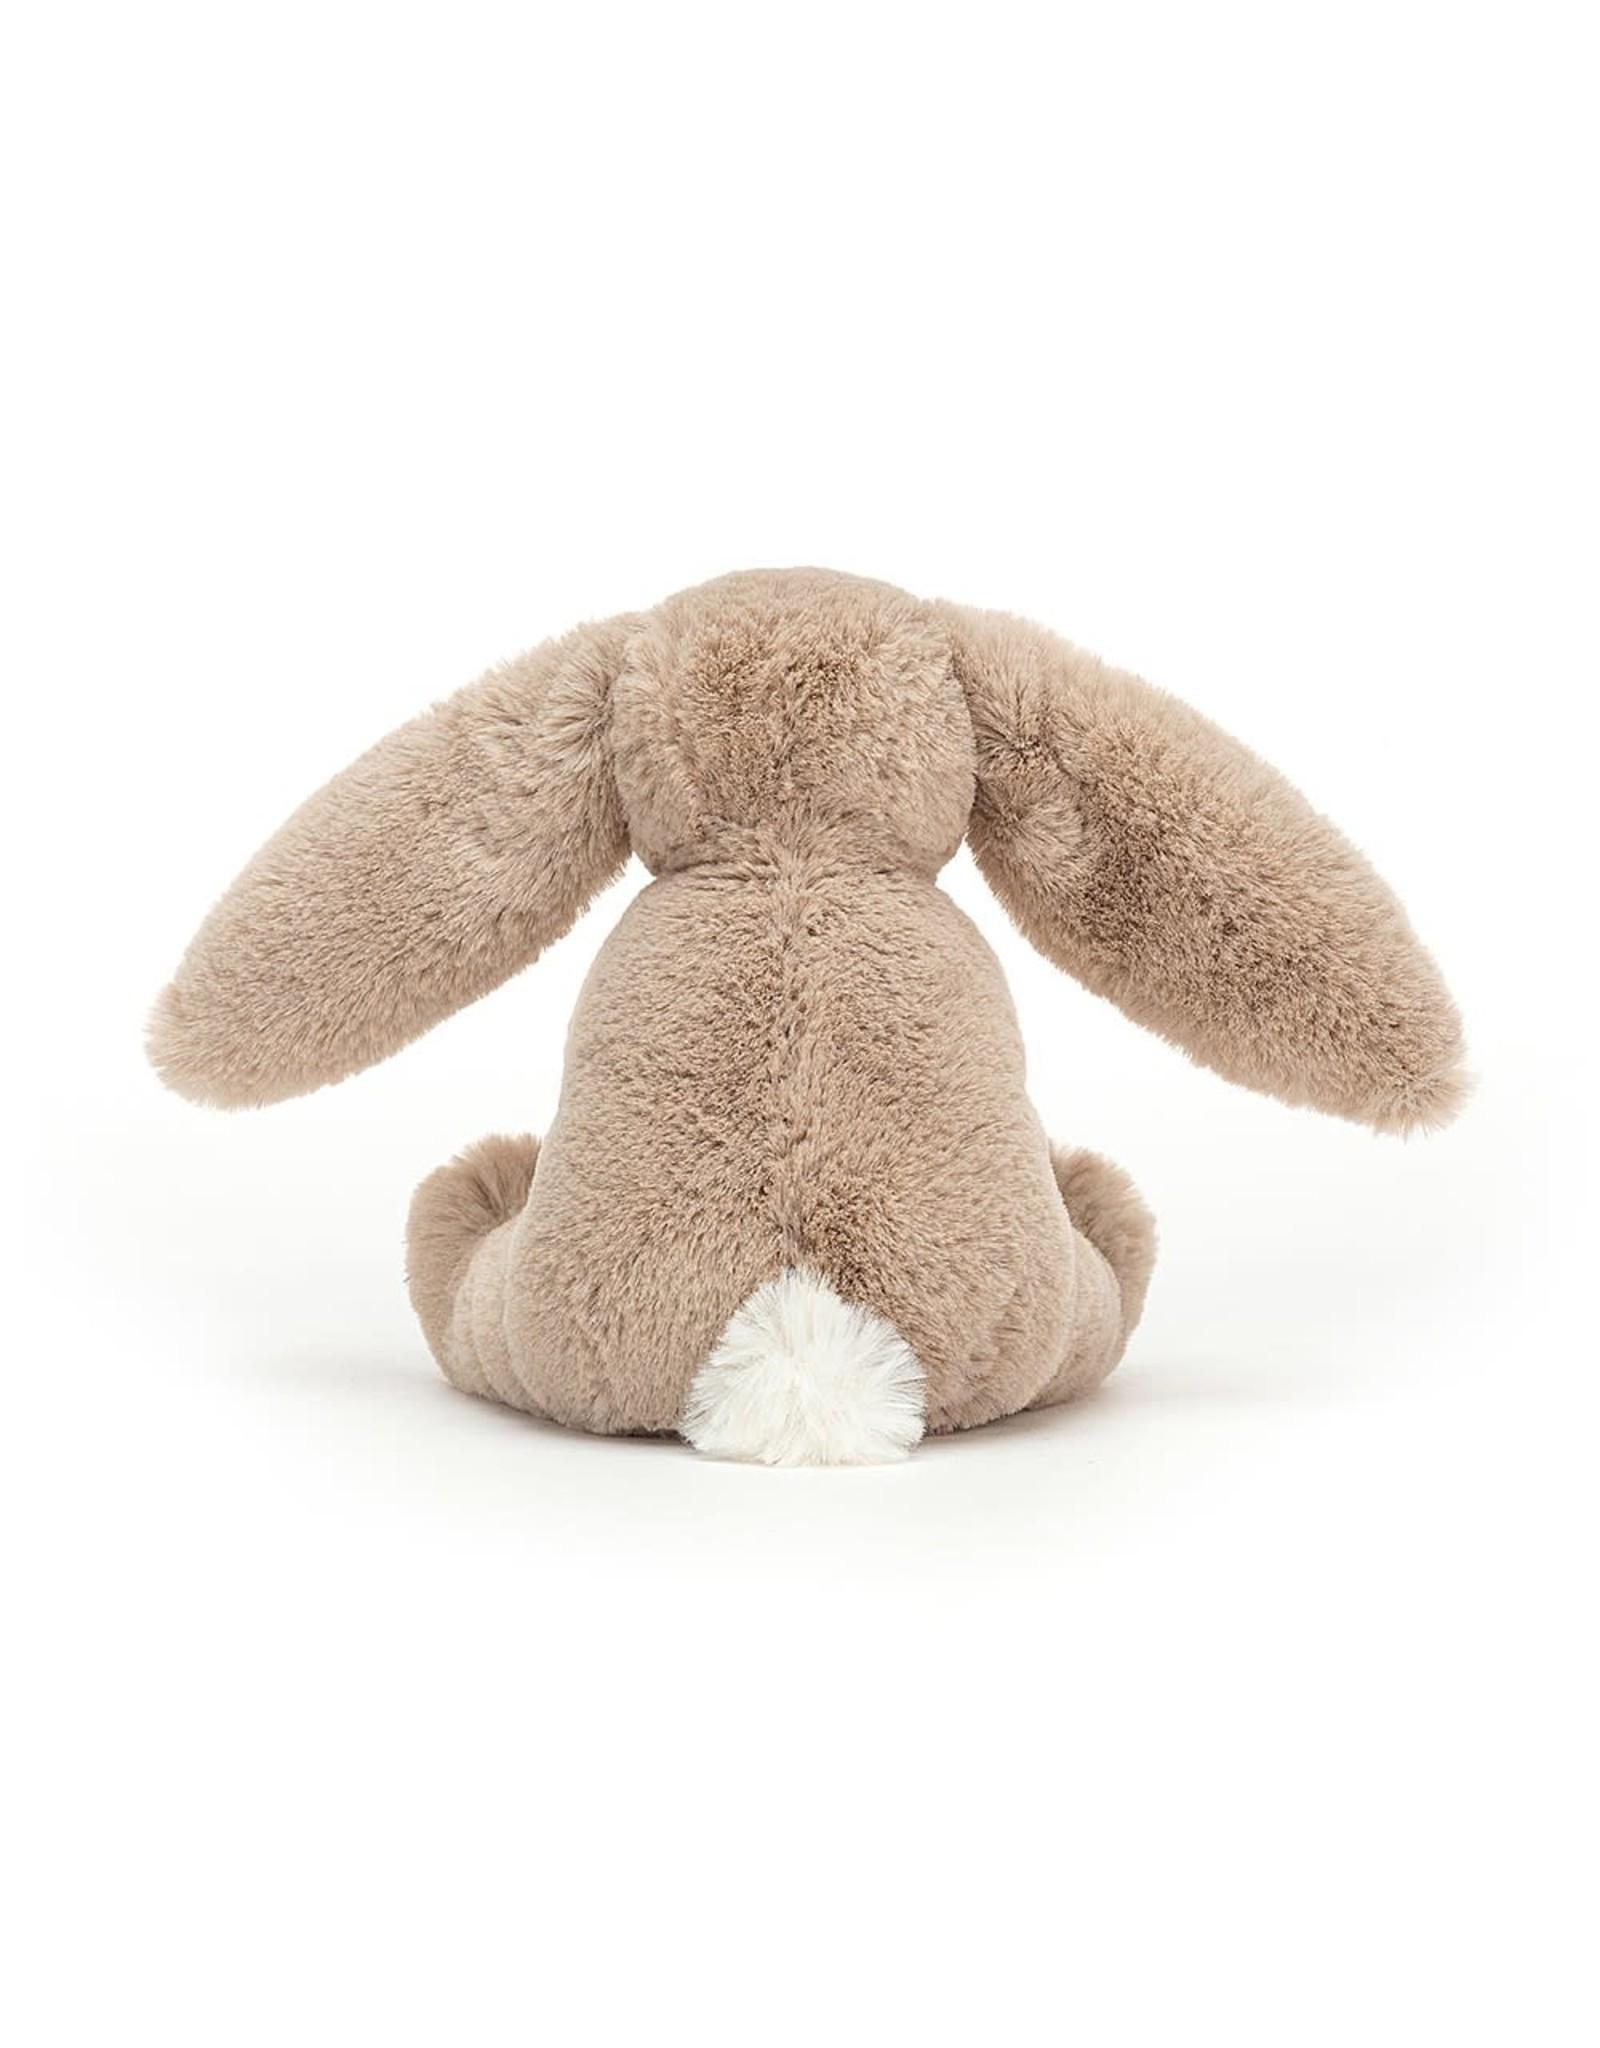 Jellycat Bashful bunny Wooden Ring Beige